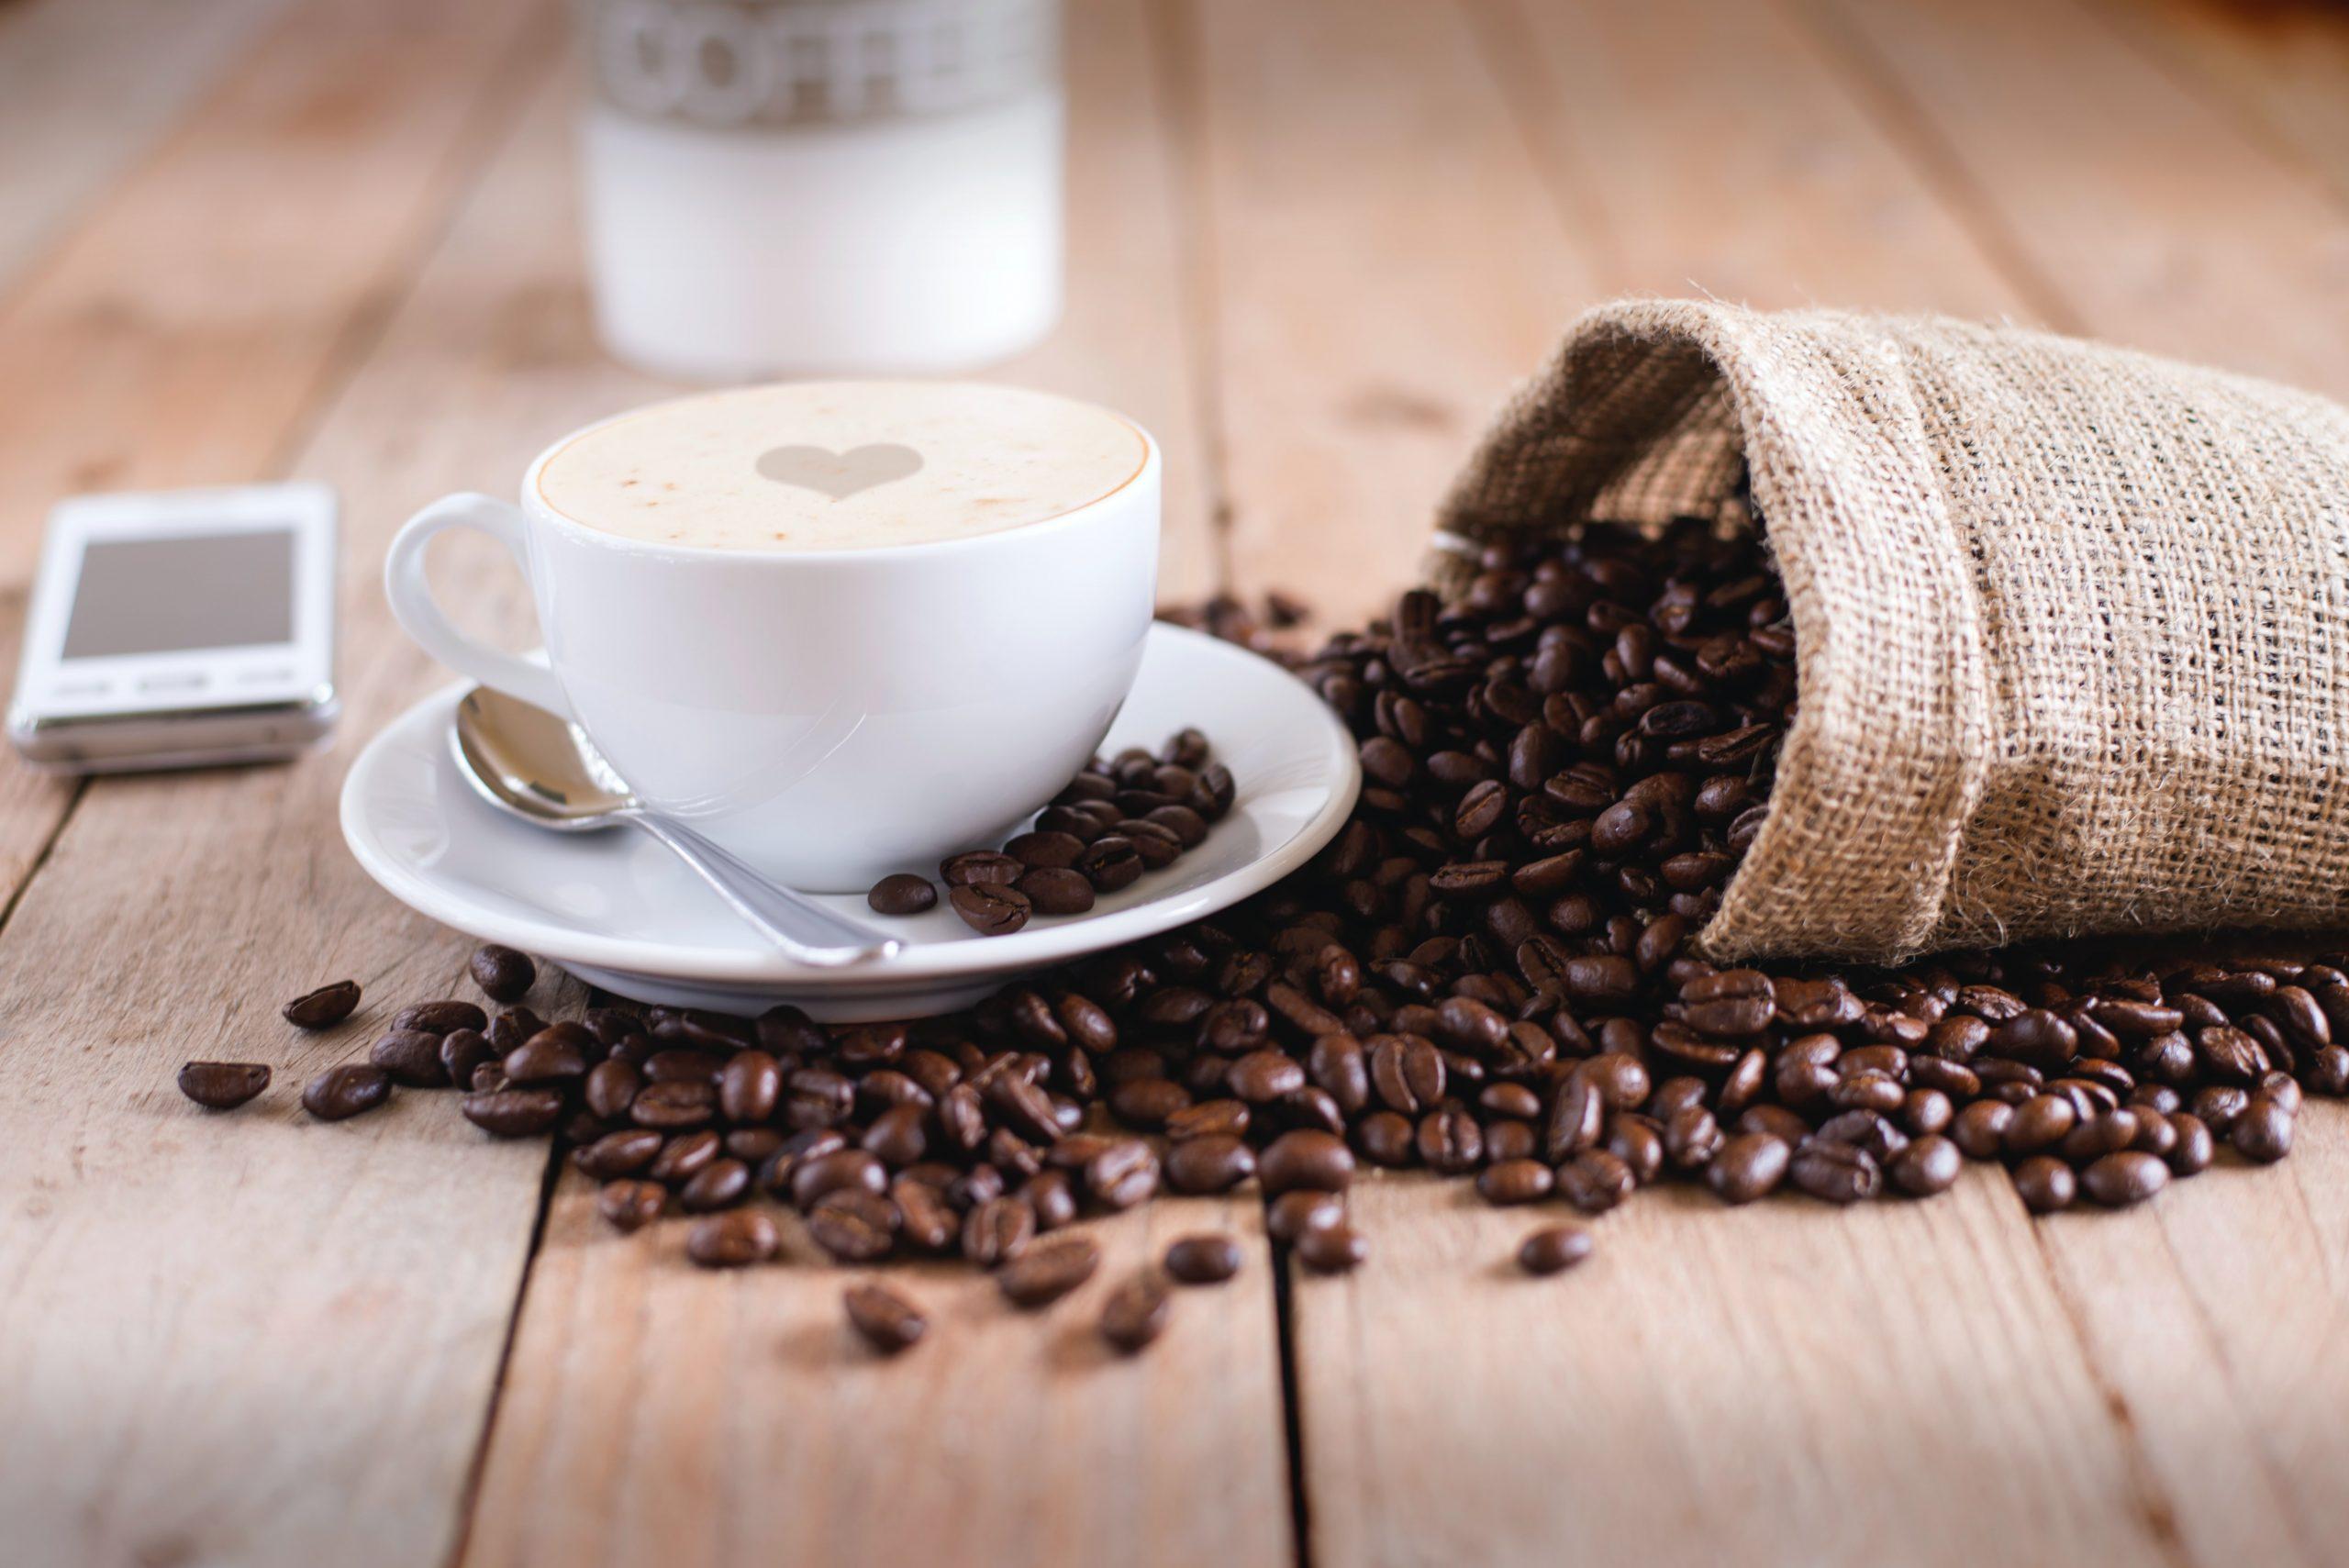 dégonfler ventre : diminuer le café